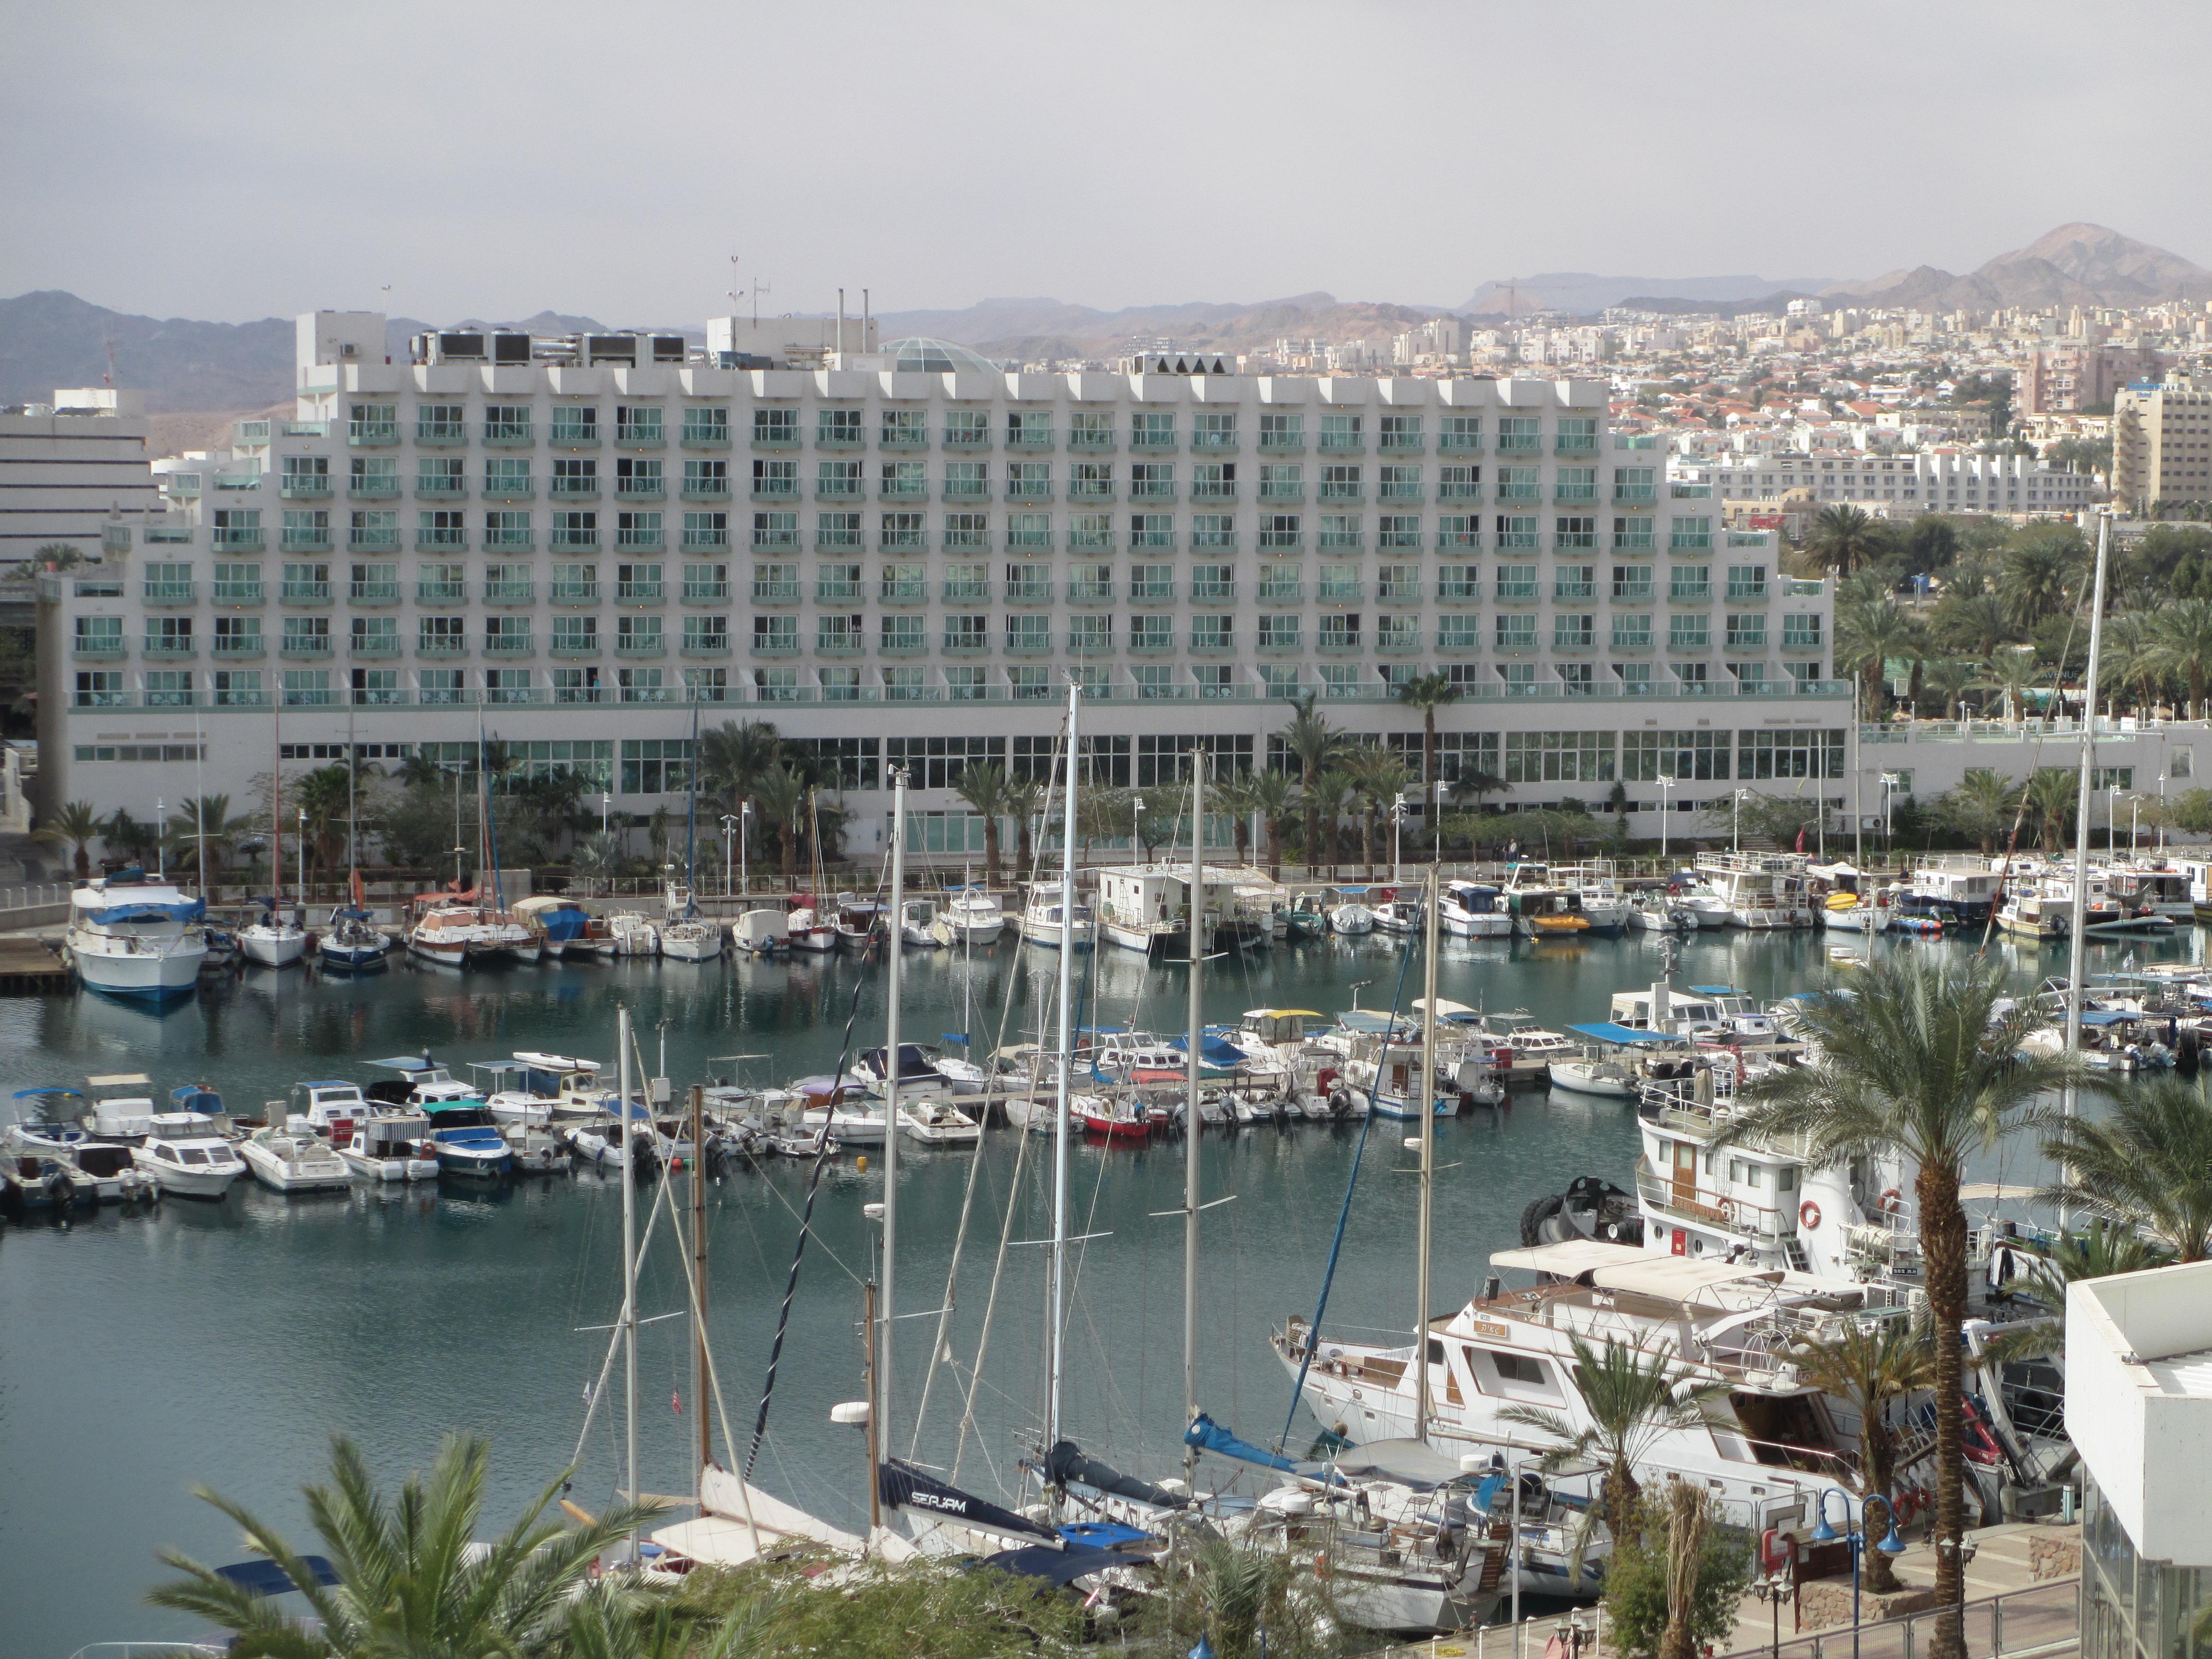 для израиль эйлат отель дан панорама описание фото малых помещениях